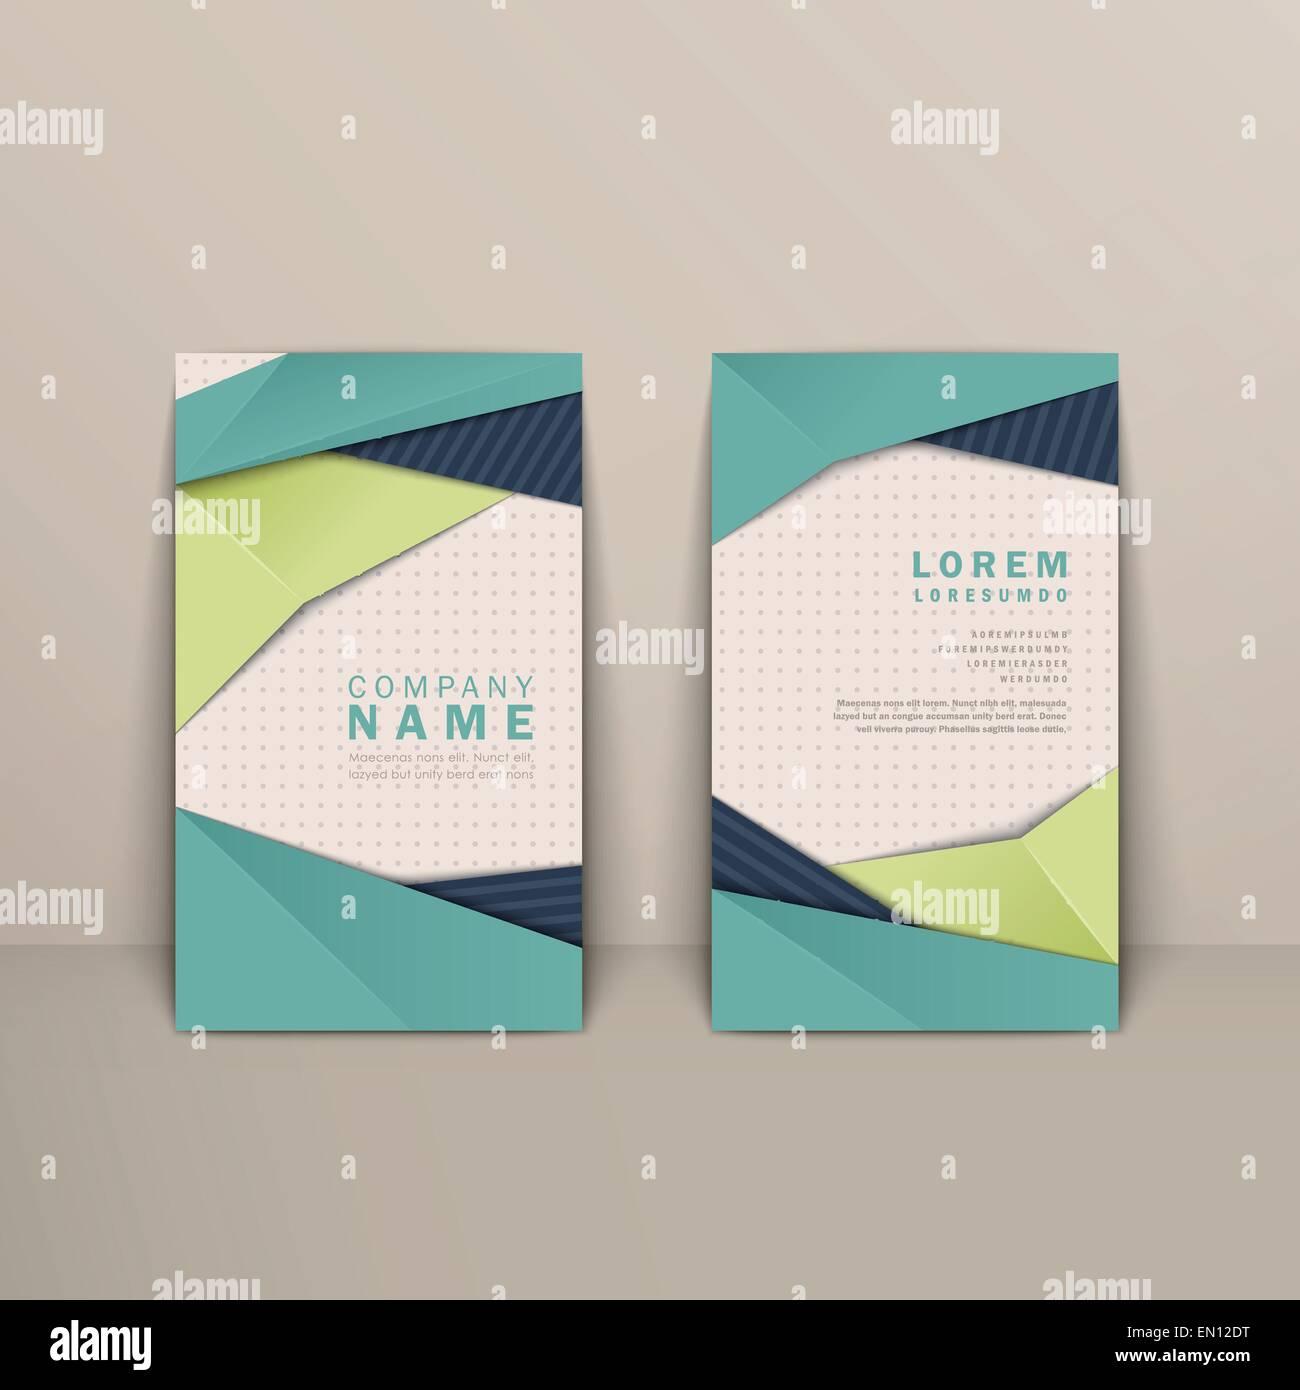 Trendige Visitenkarten Design Mit Origami Stilelemente In